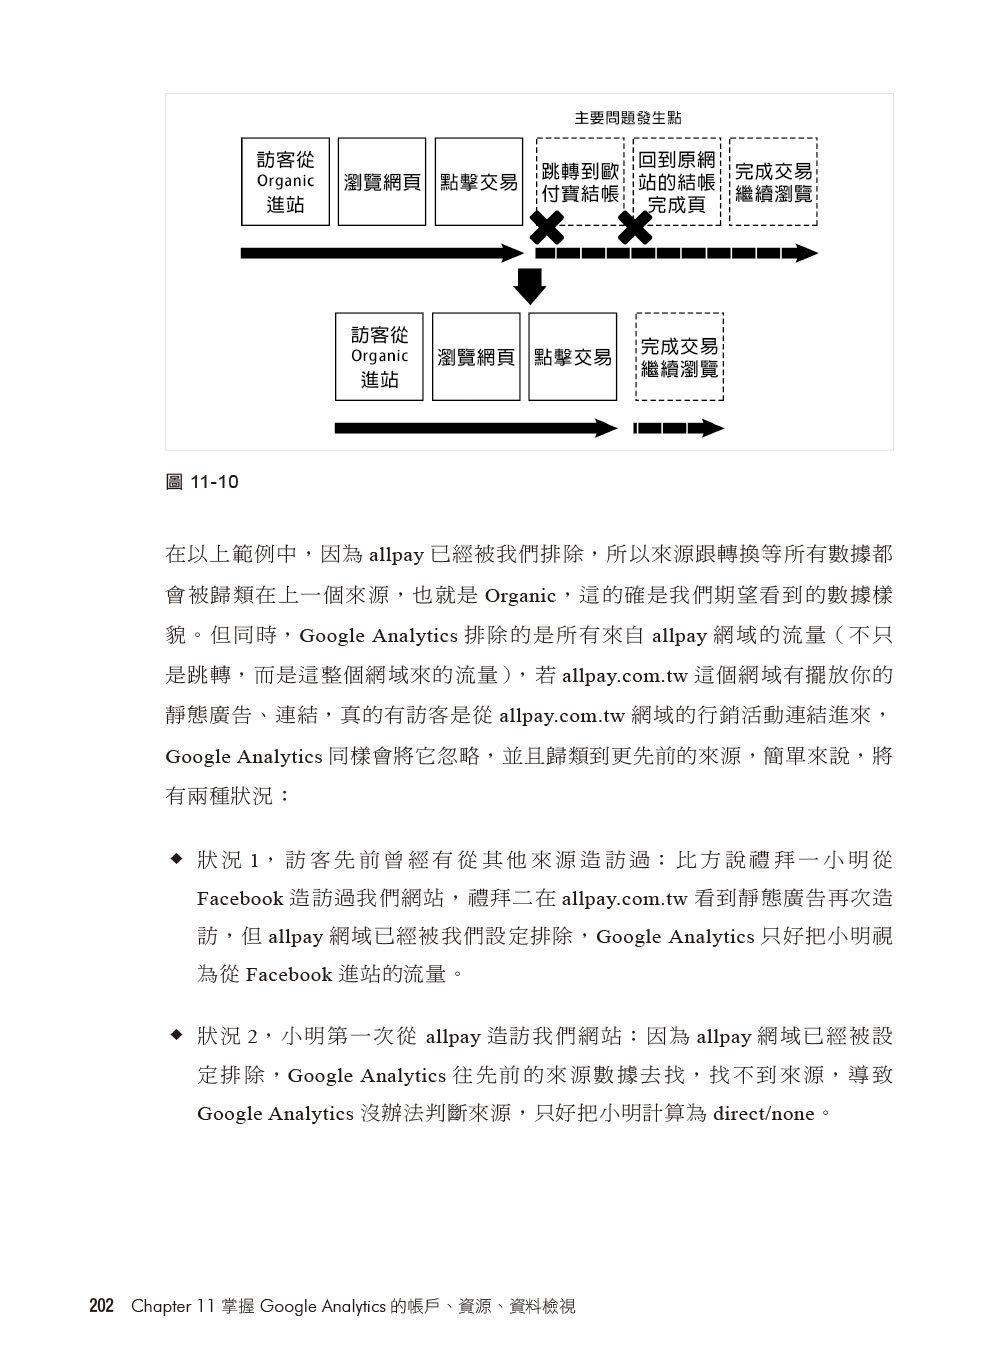 剖析 Google Analytics:從報表理解到實作 (增訂版)-preview-3